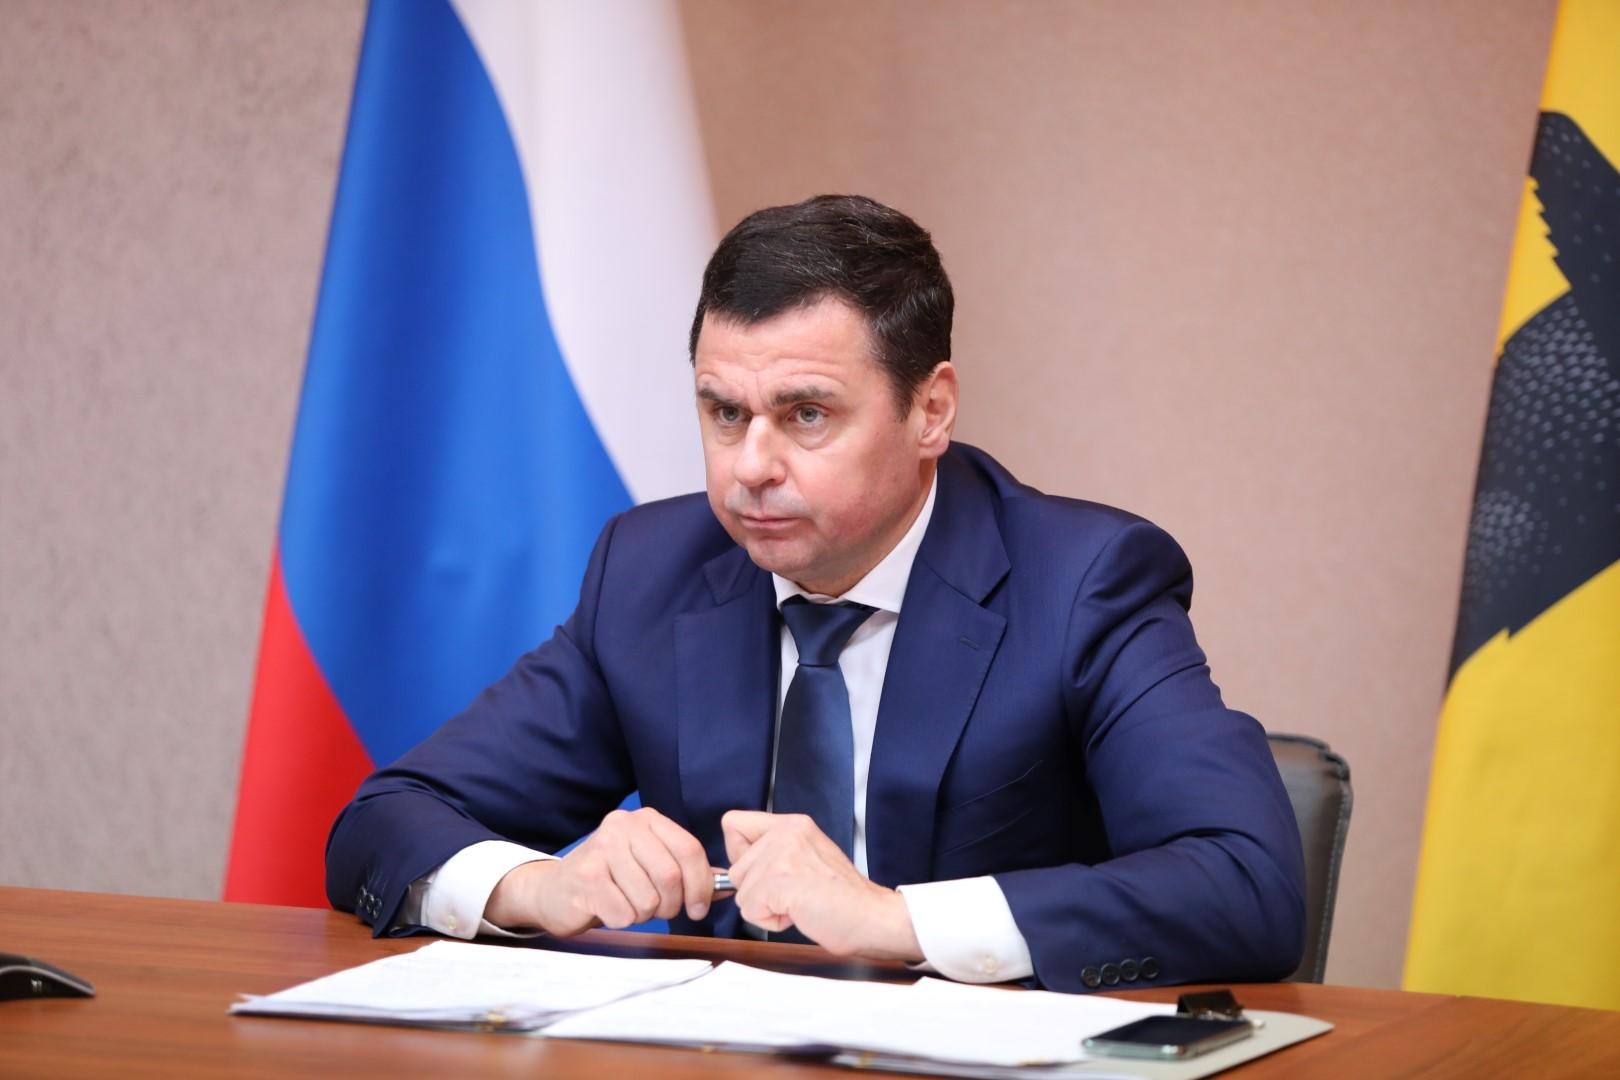 Дмитрий Миронов: все вместе мы должны хранить нашу общую культуру, традиционные ценности